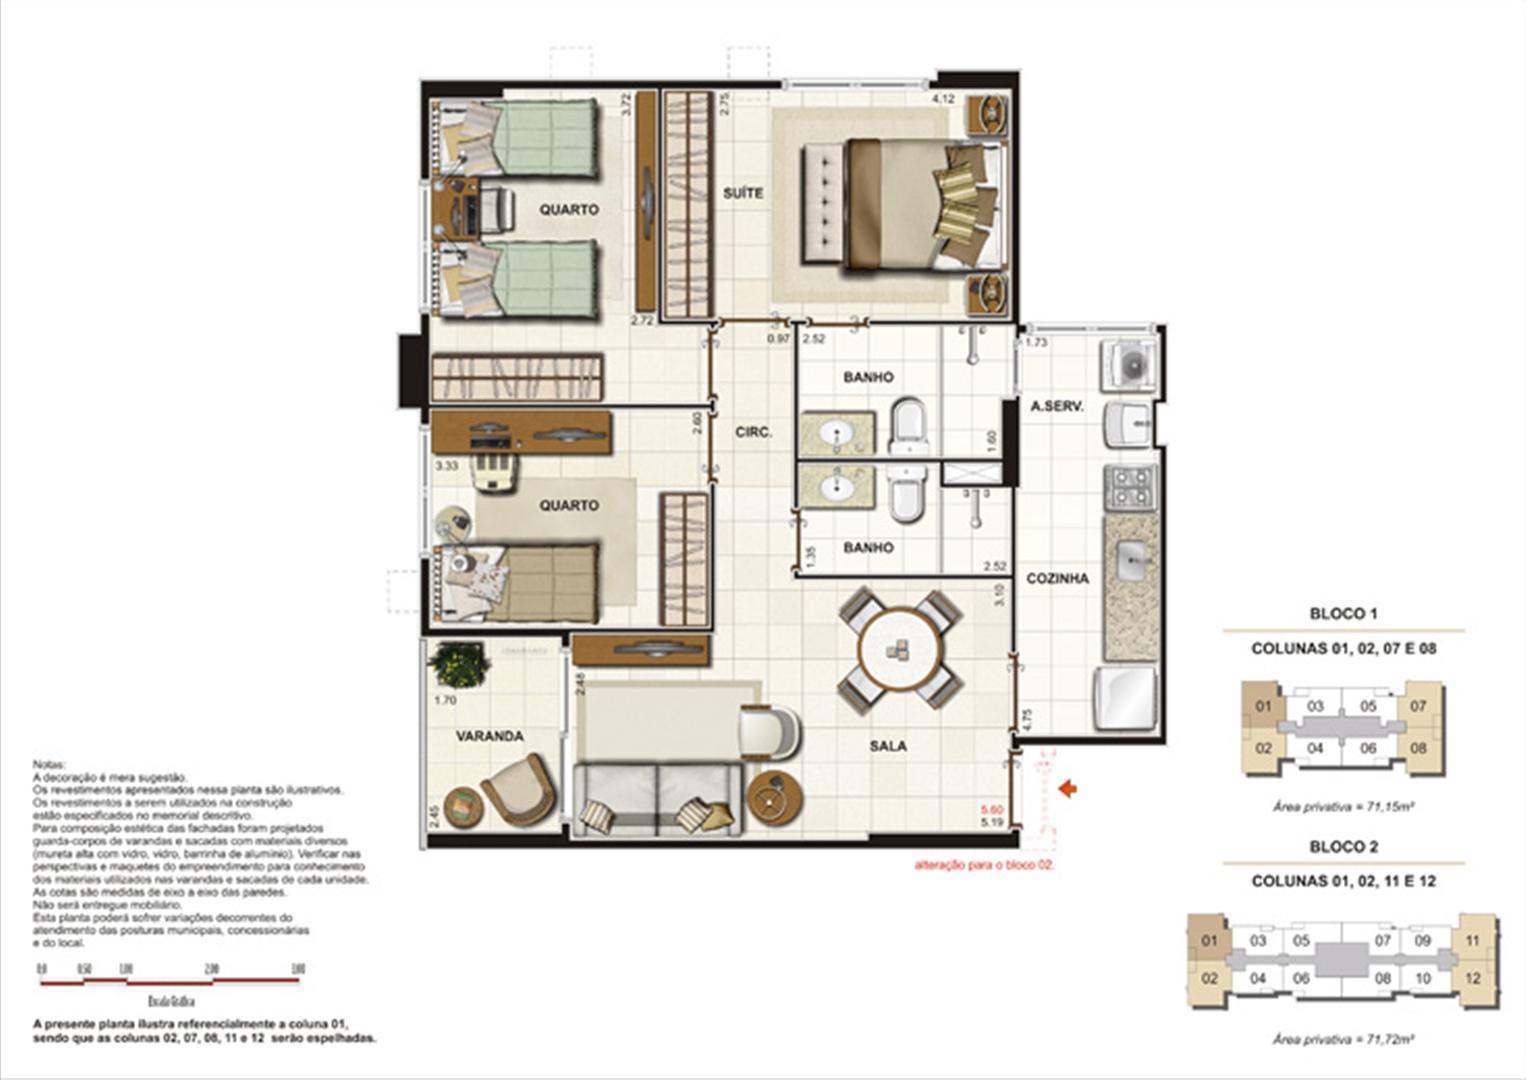 Planta de 3 quartos ( 1suíte) - 71,72m²  | Splendore Family Club – Apartamento em  Campos - Campos - Rio de Janeiro